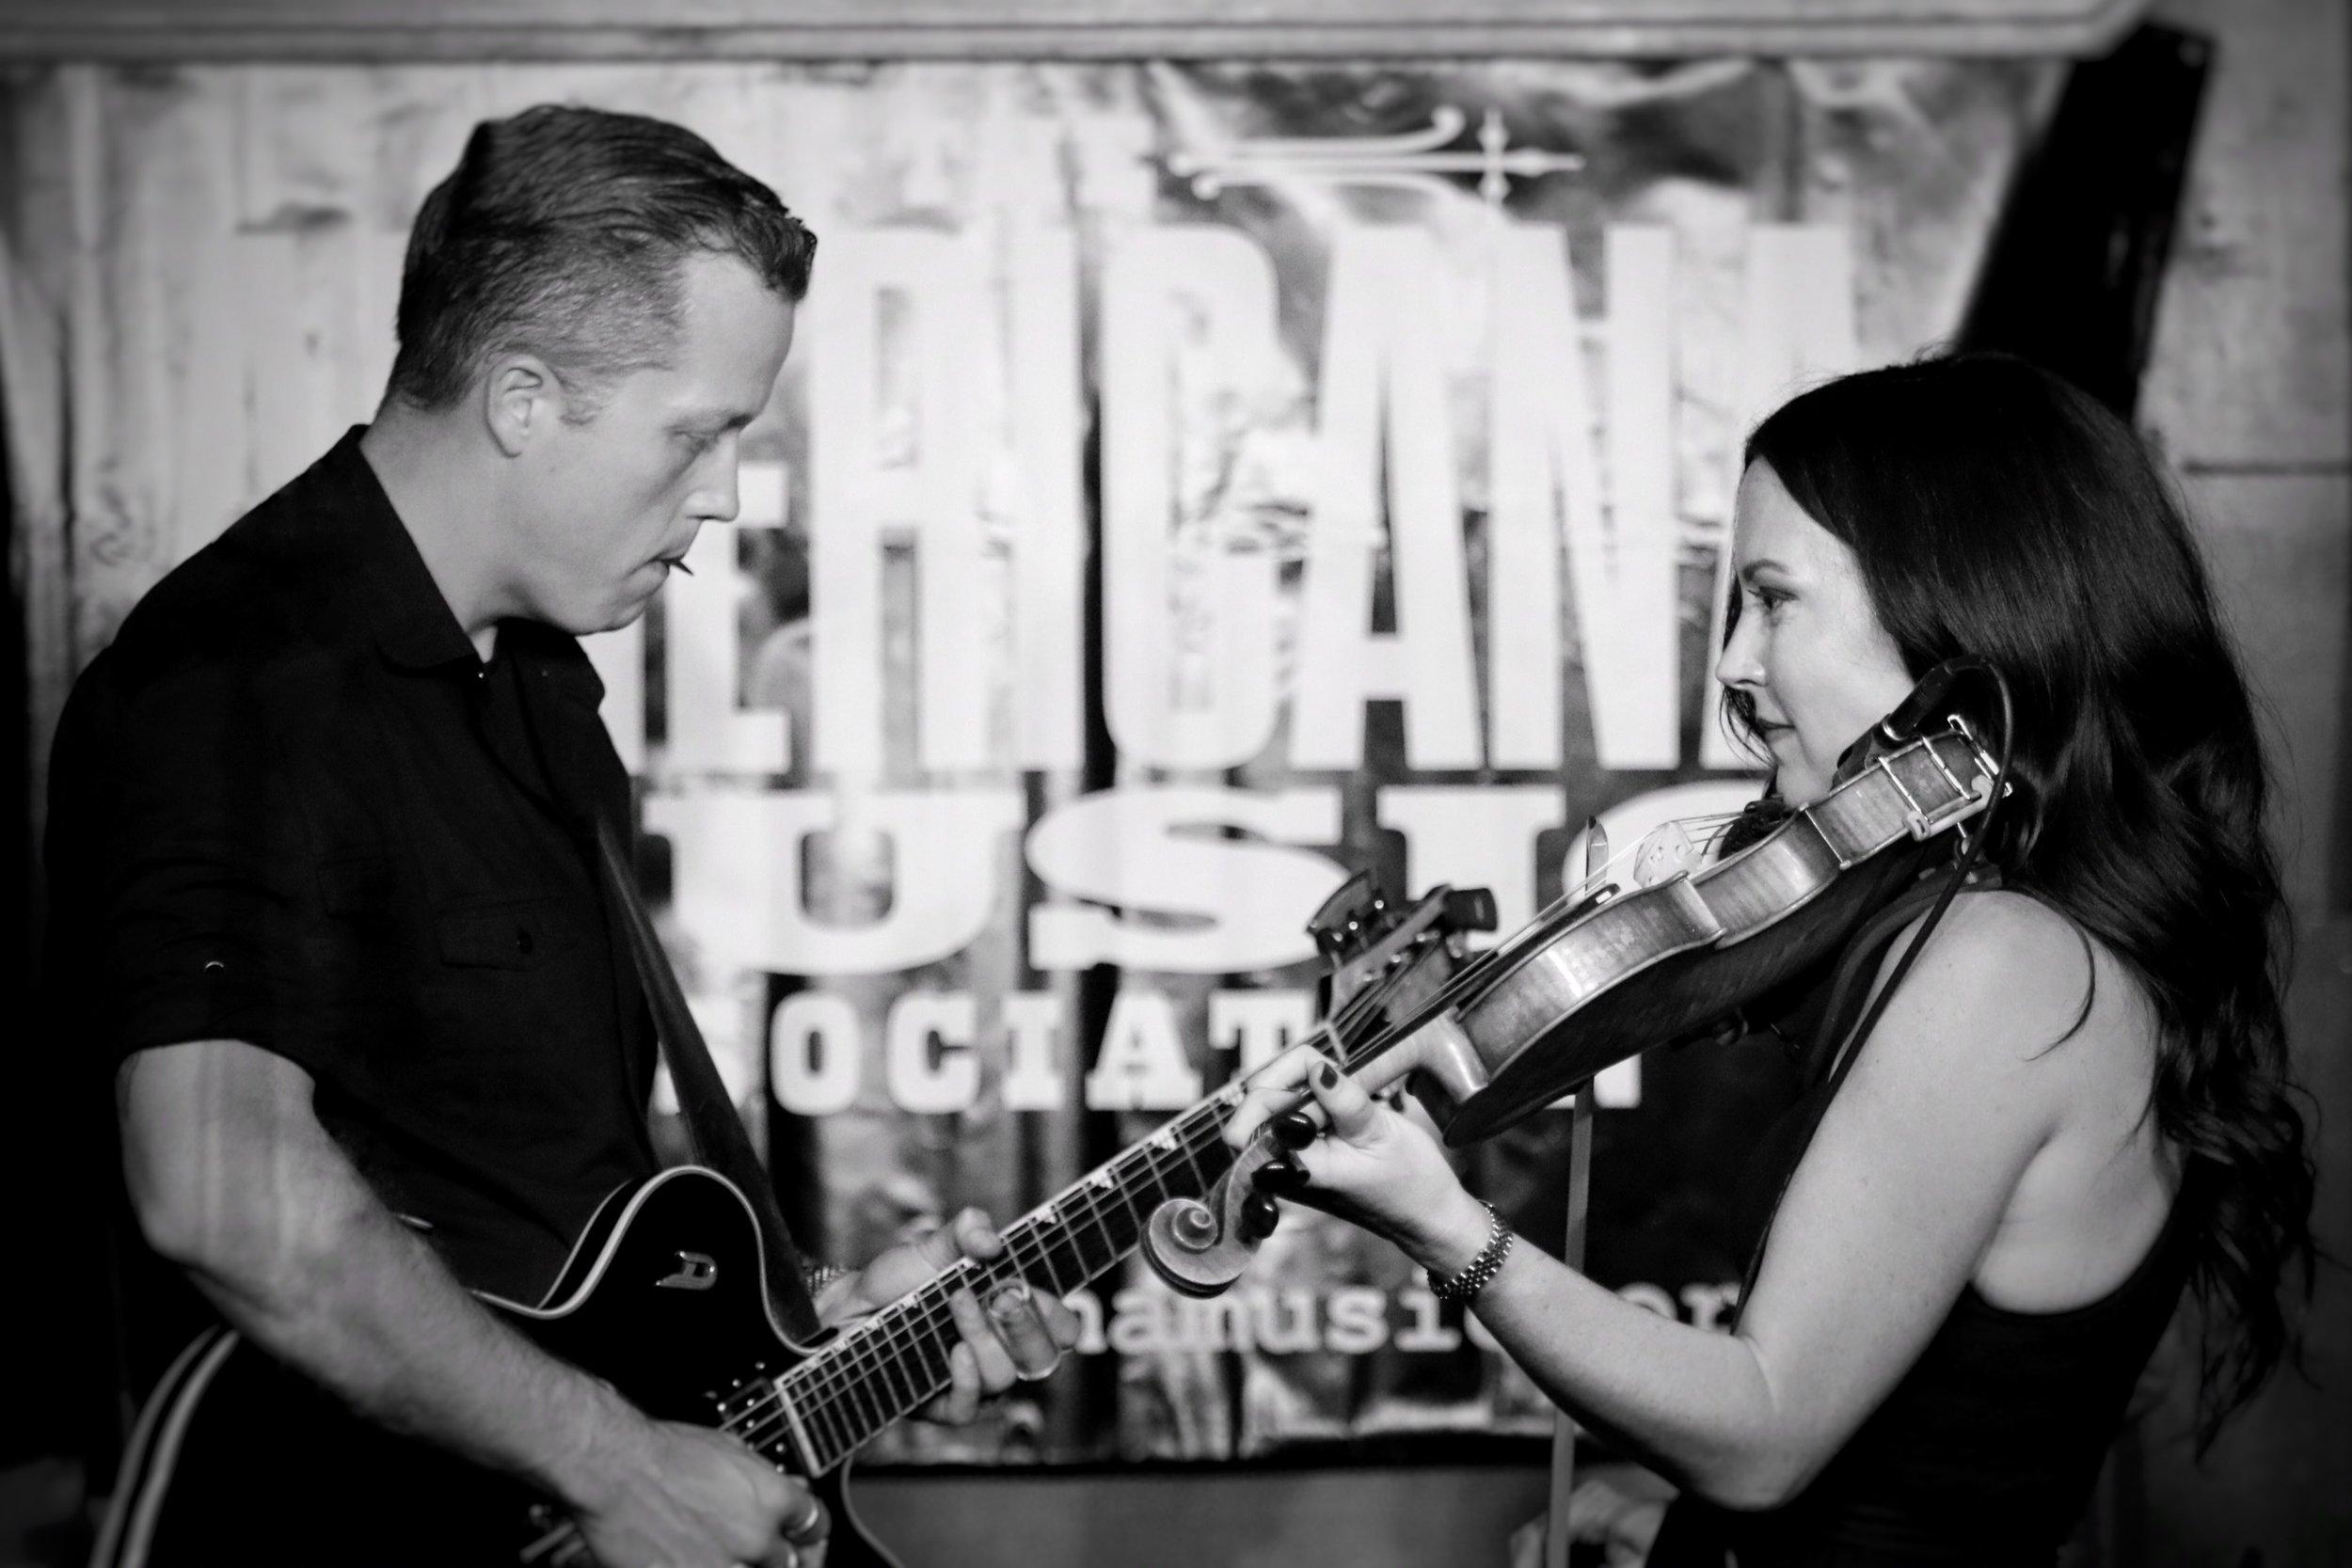 Jason Isbell and Amanda Shires, by Chad Cochran